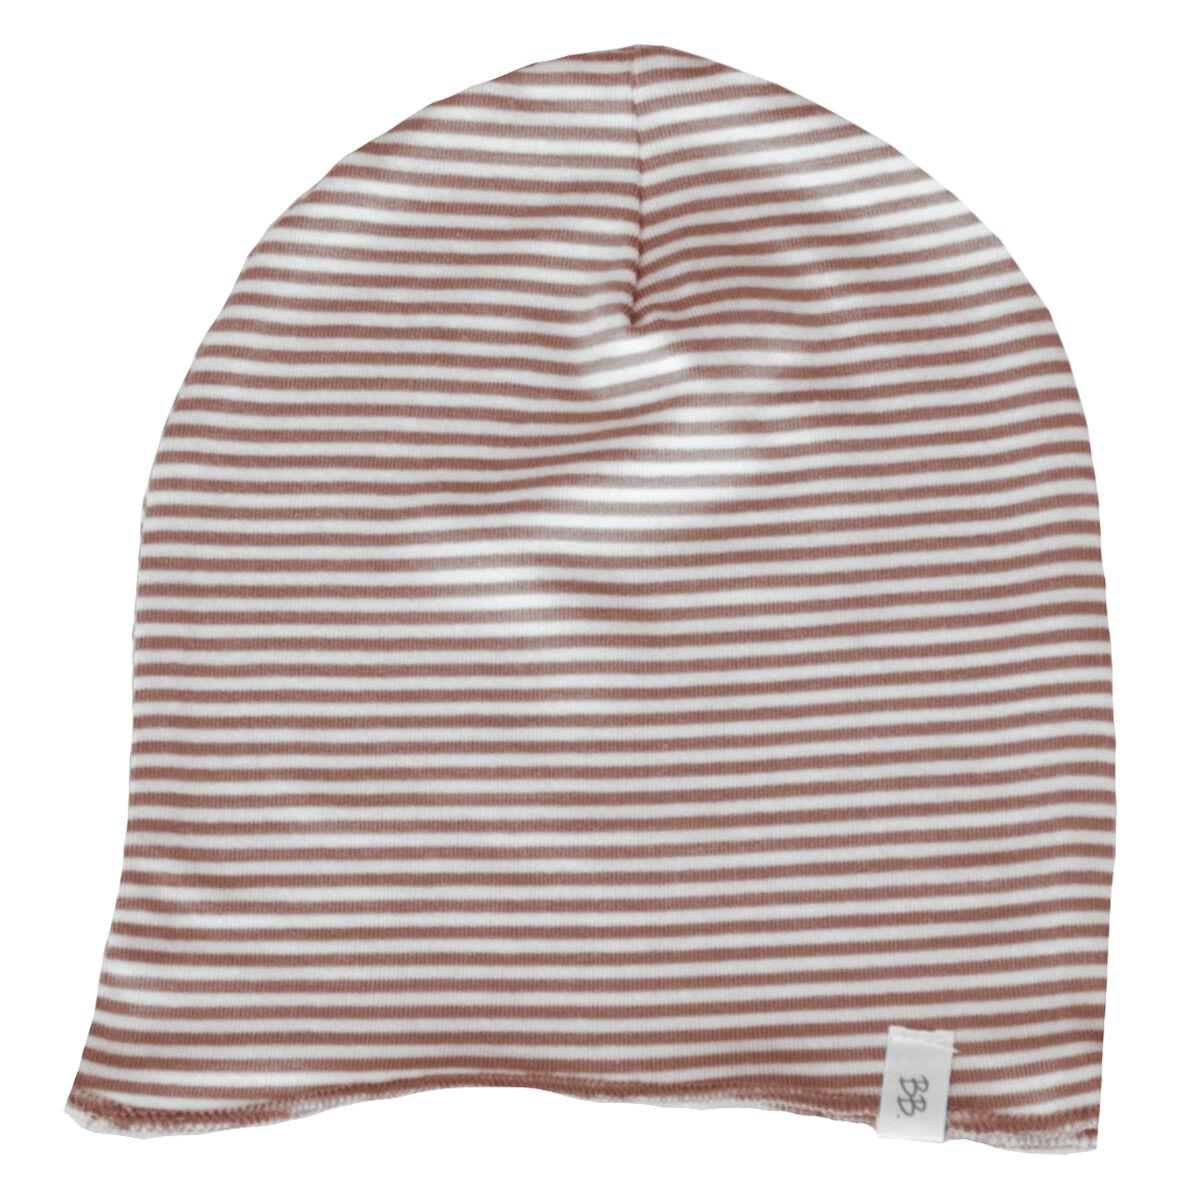 BAMBOOM Bonnet de Naissance Milleraies Rose - Taille M